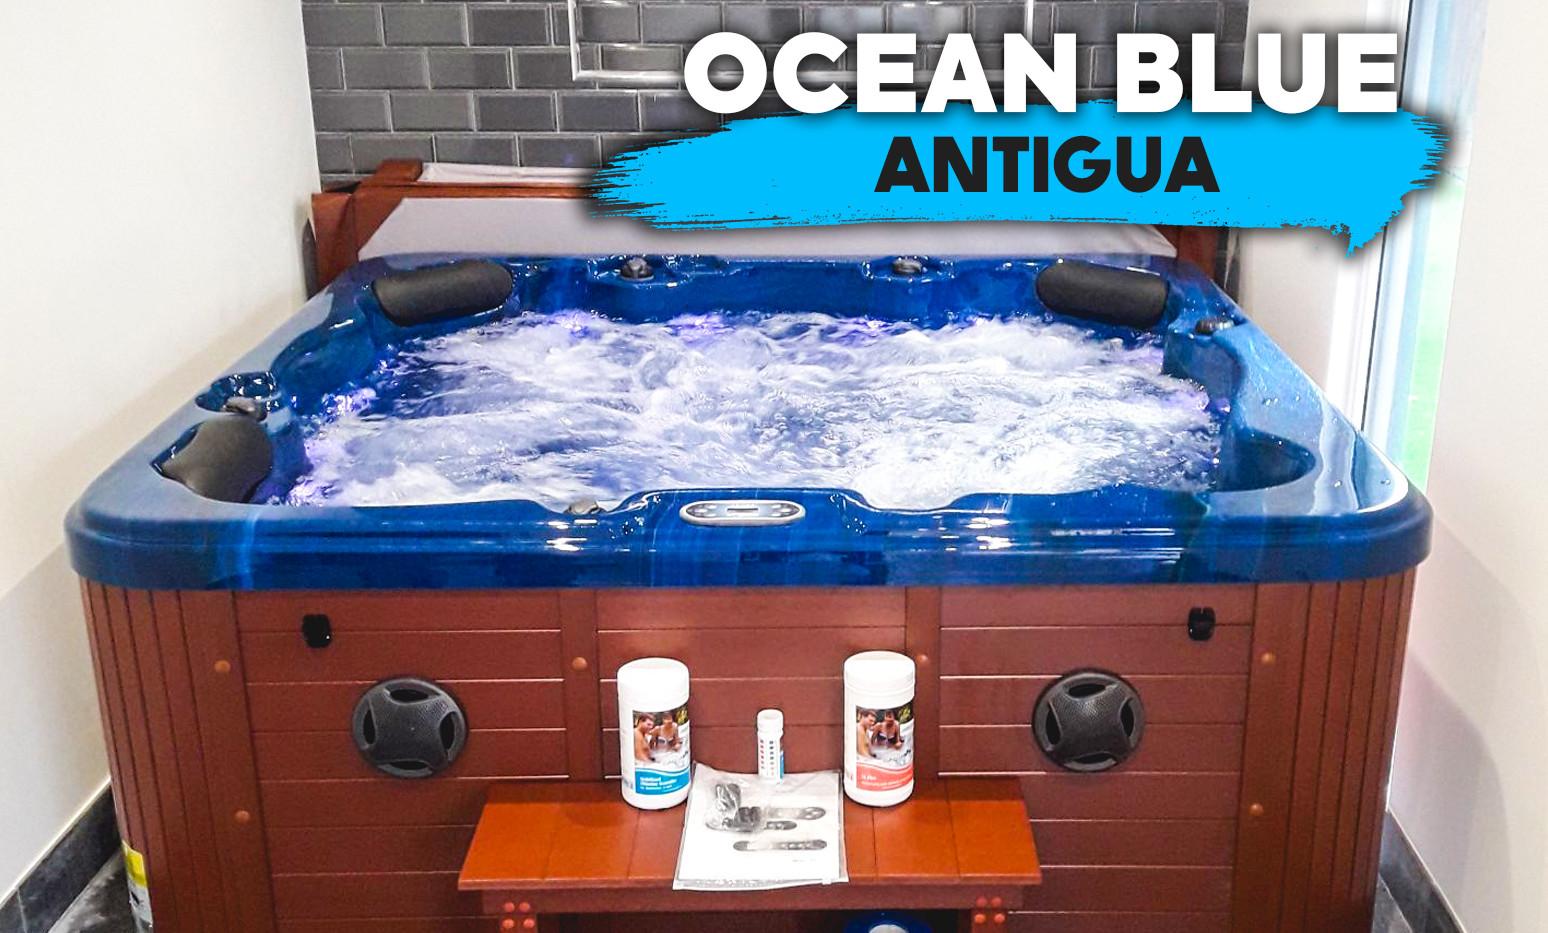 Antigua_PreviousInstall_BLUE.jpg